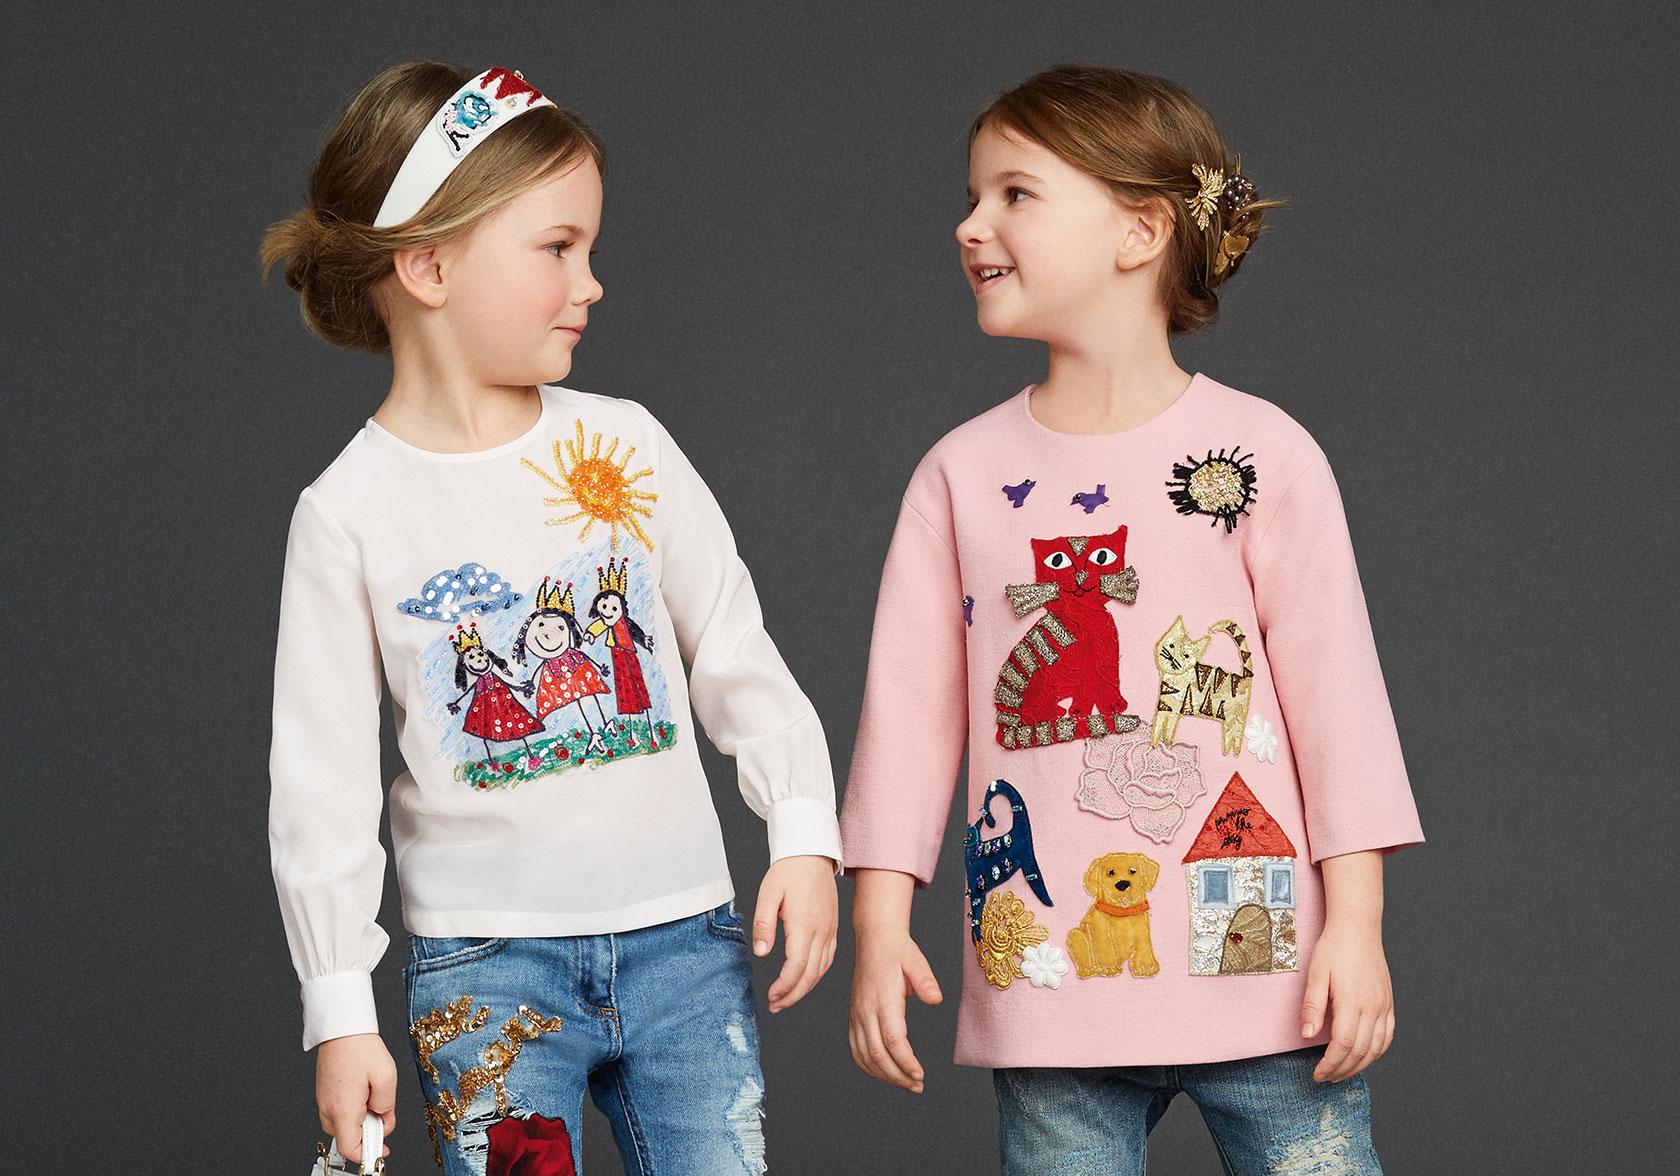 2b5f40541908 Коллекции зимней одежды для детей 2015 - 2016 от стильных брендов ...